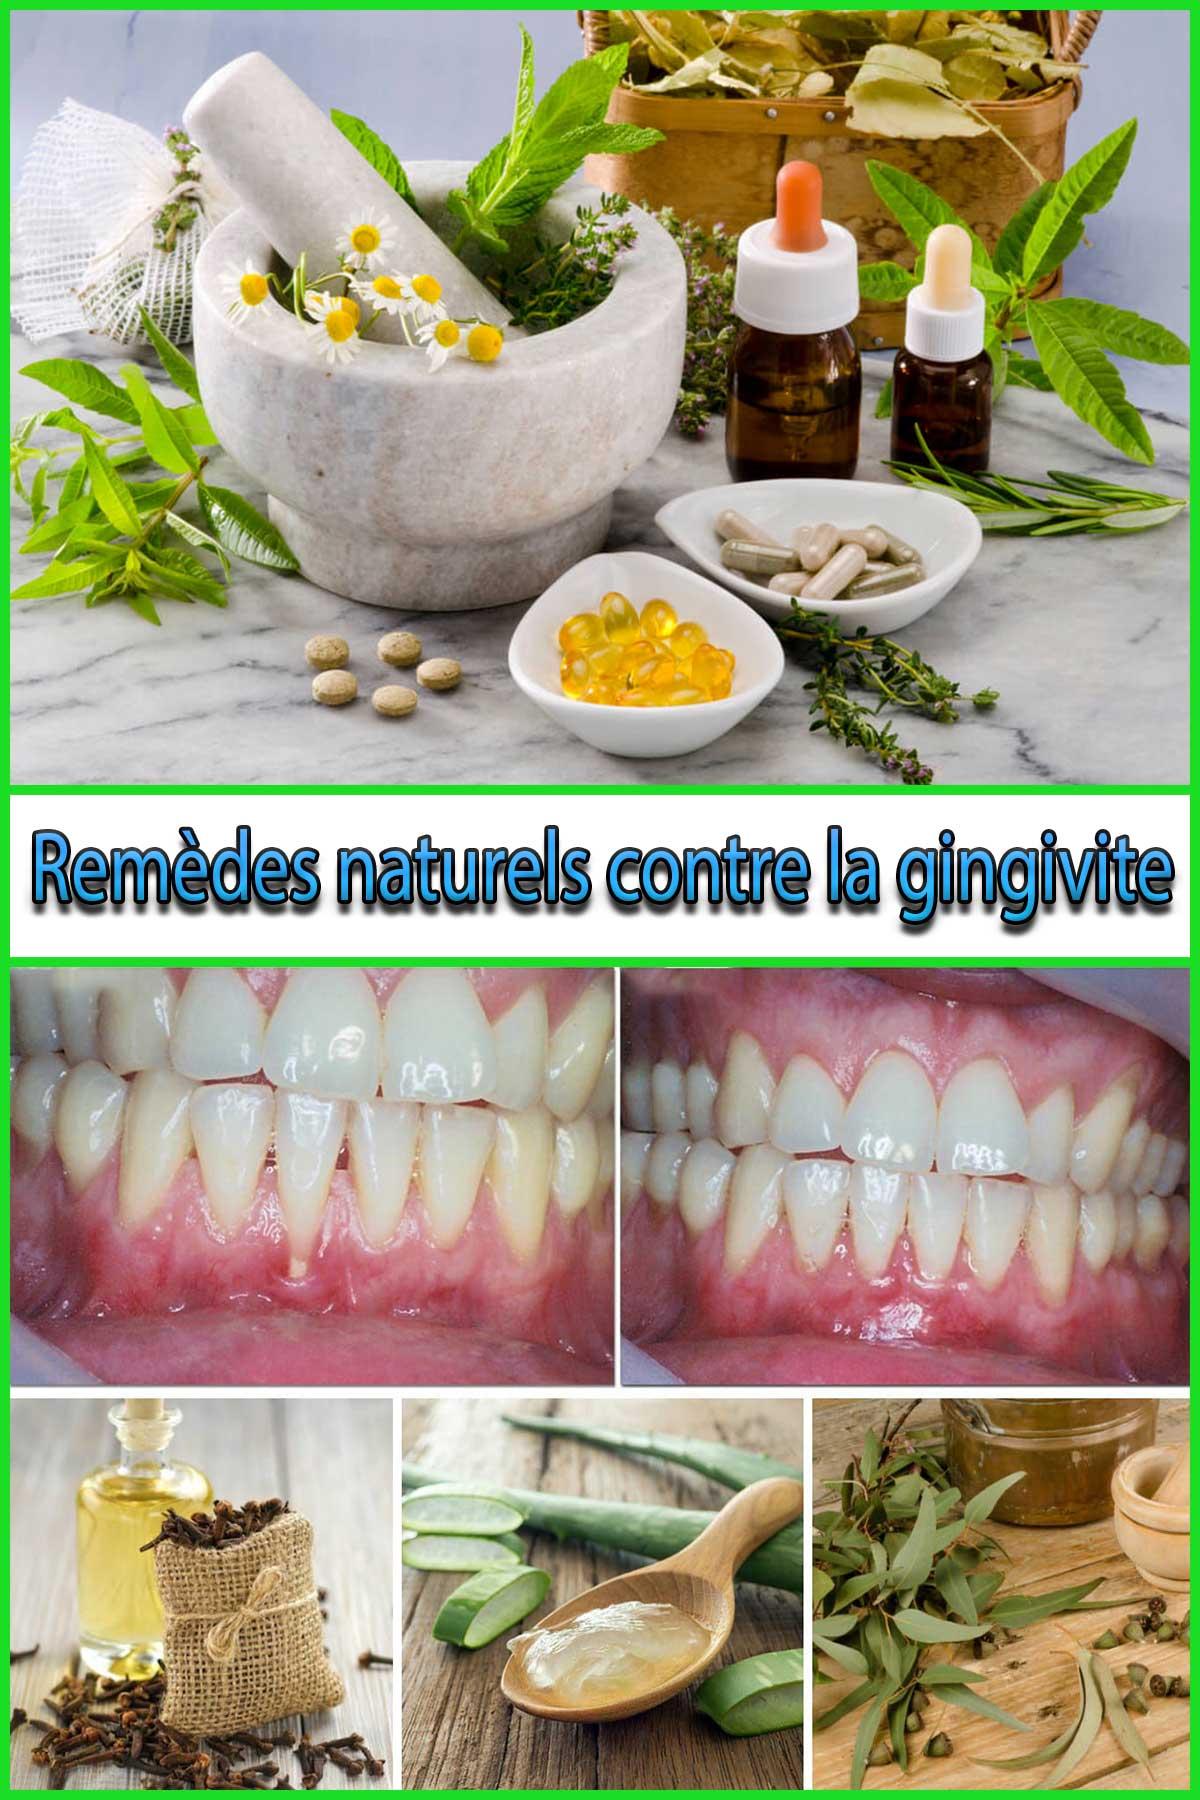 Remèdes naturels contre la gingivite